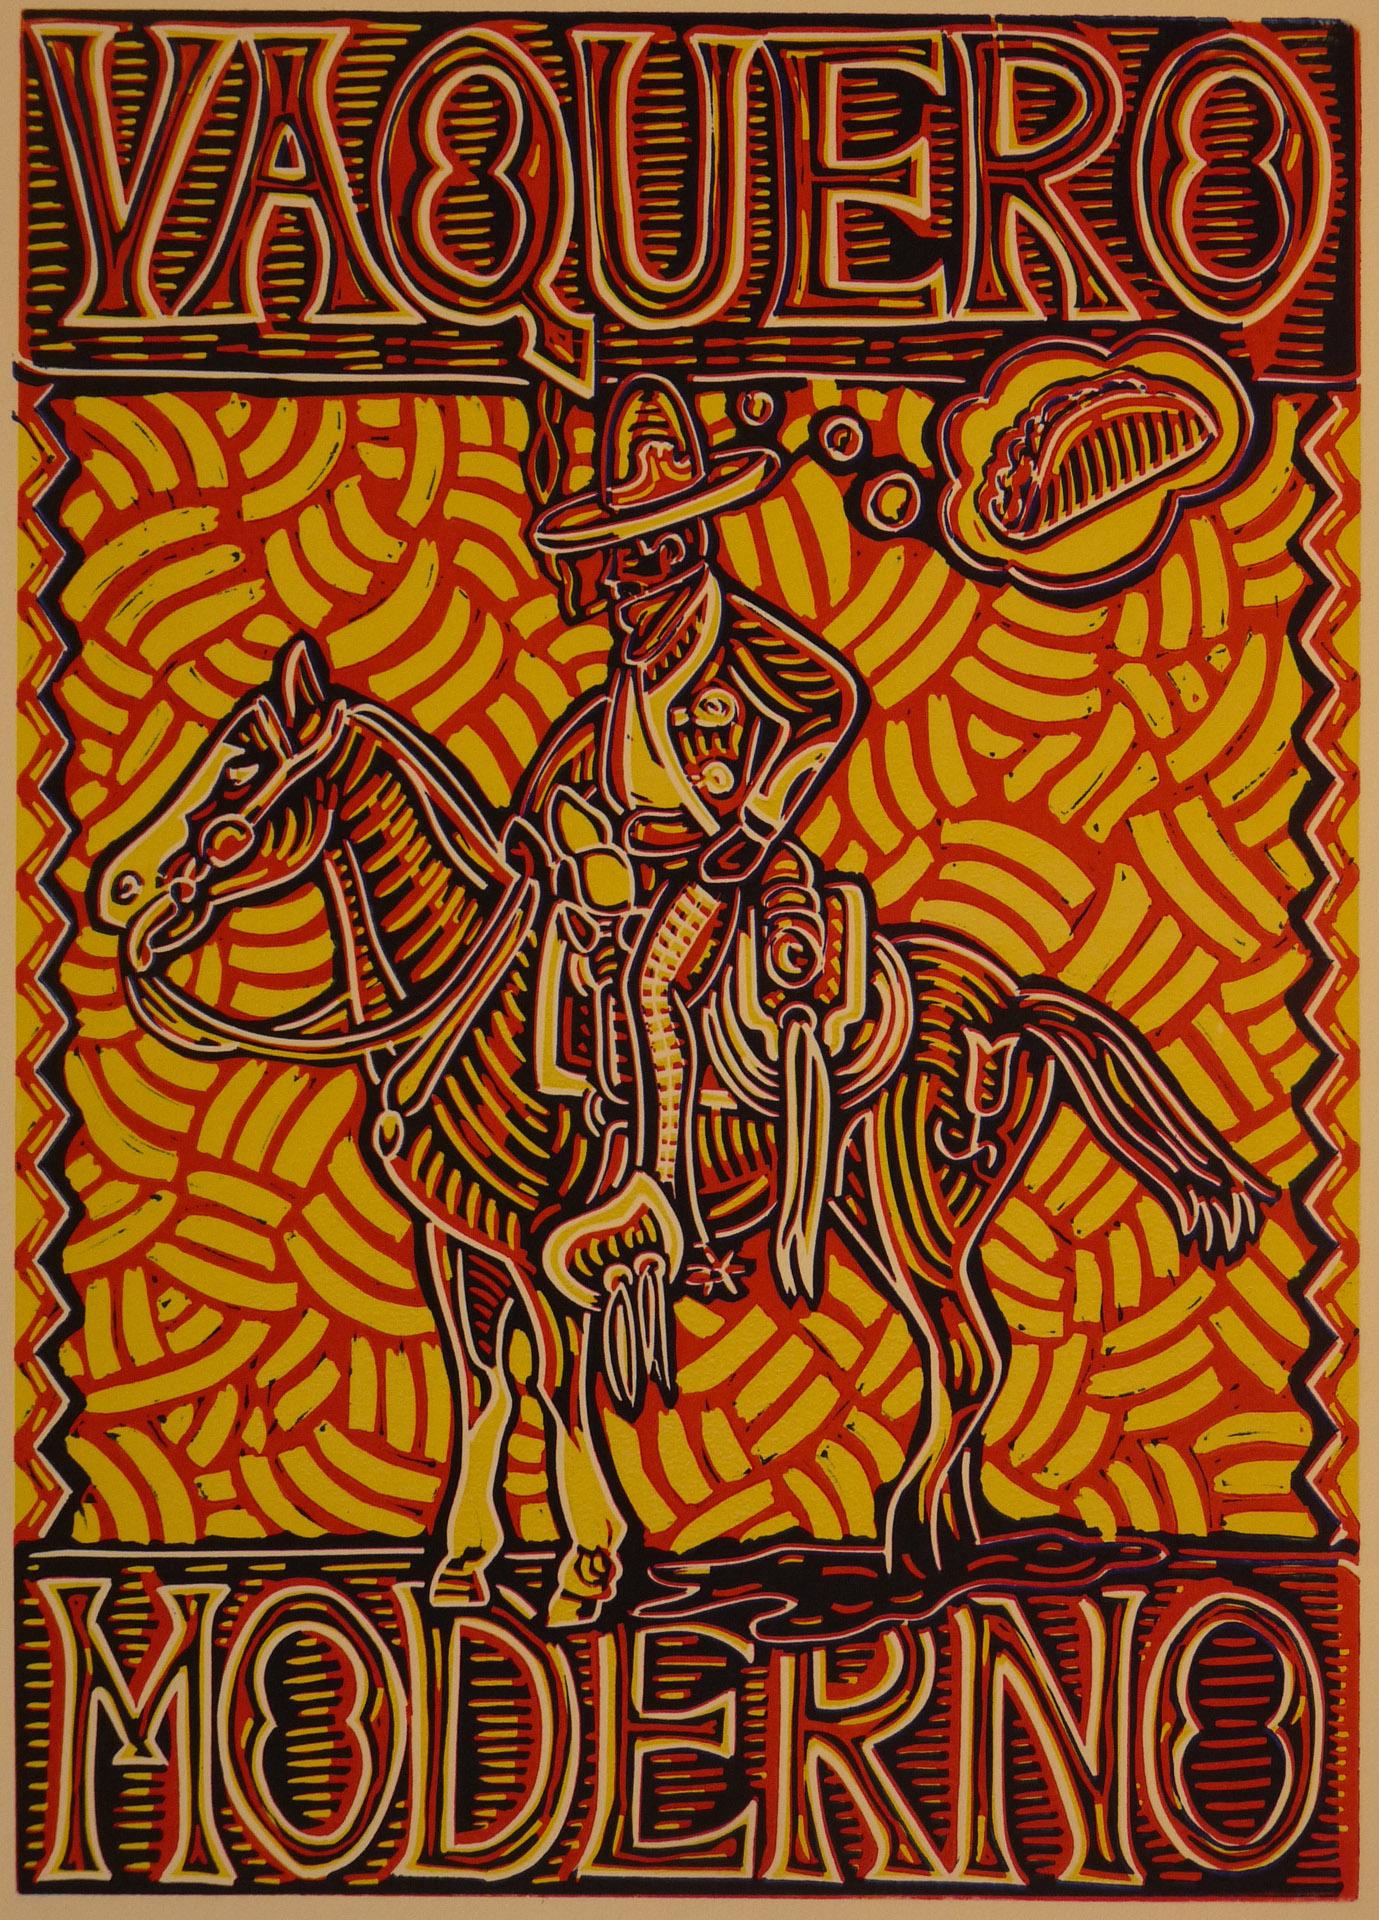 Vaquero Moderno, Royo y Amarillo  2013